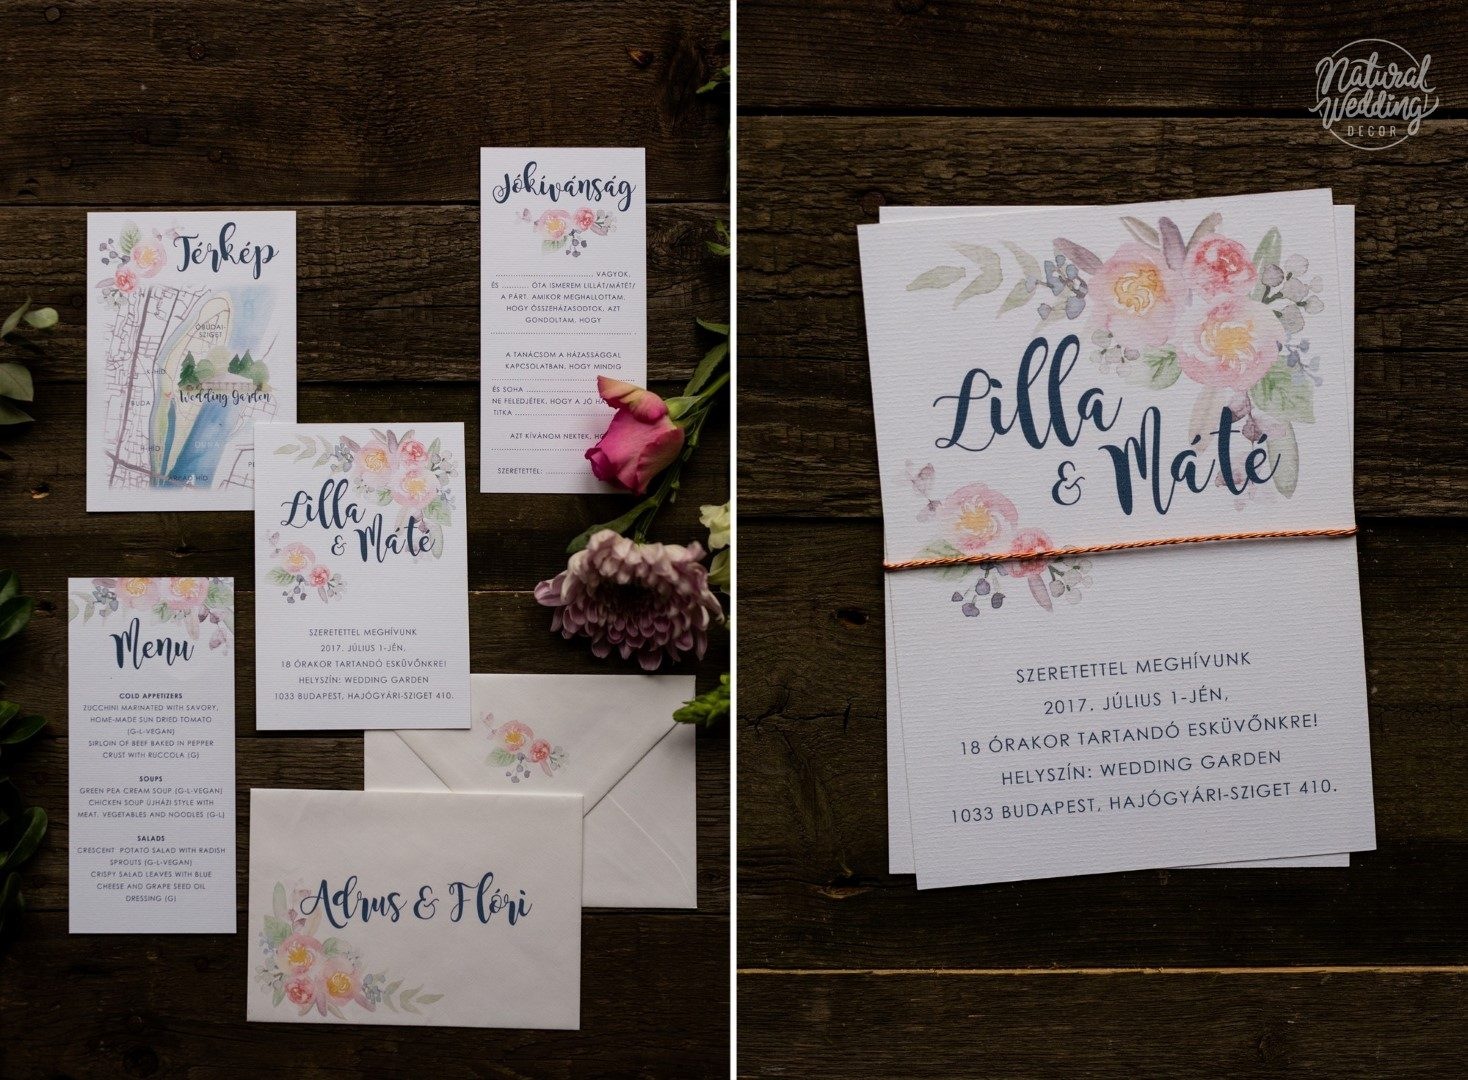 5e53d8944e Milyen legyen az esküvői meghívó? - Tippek, trendek, ötletek ...